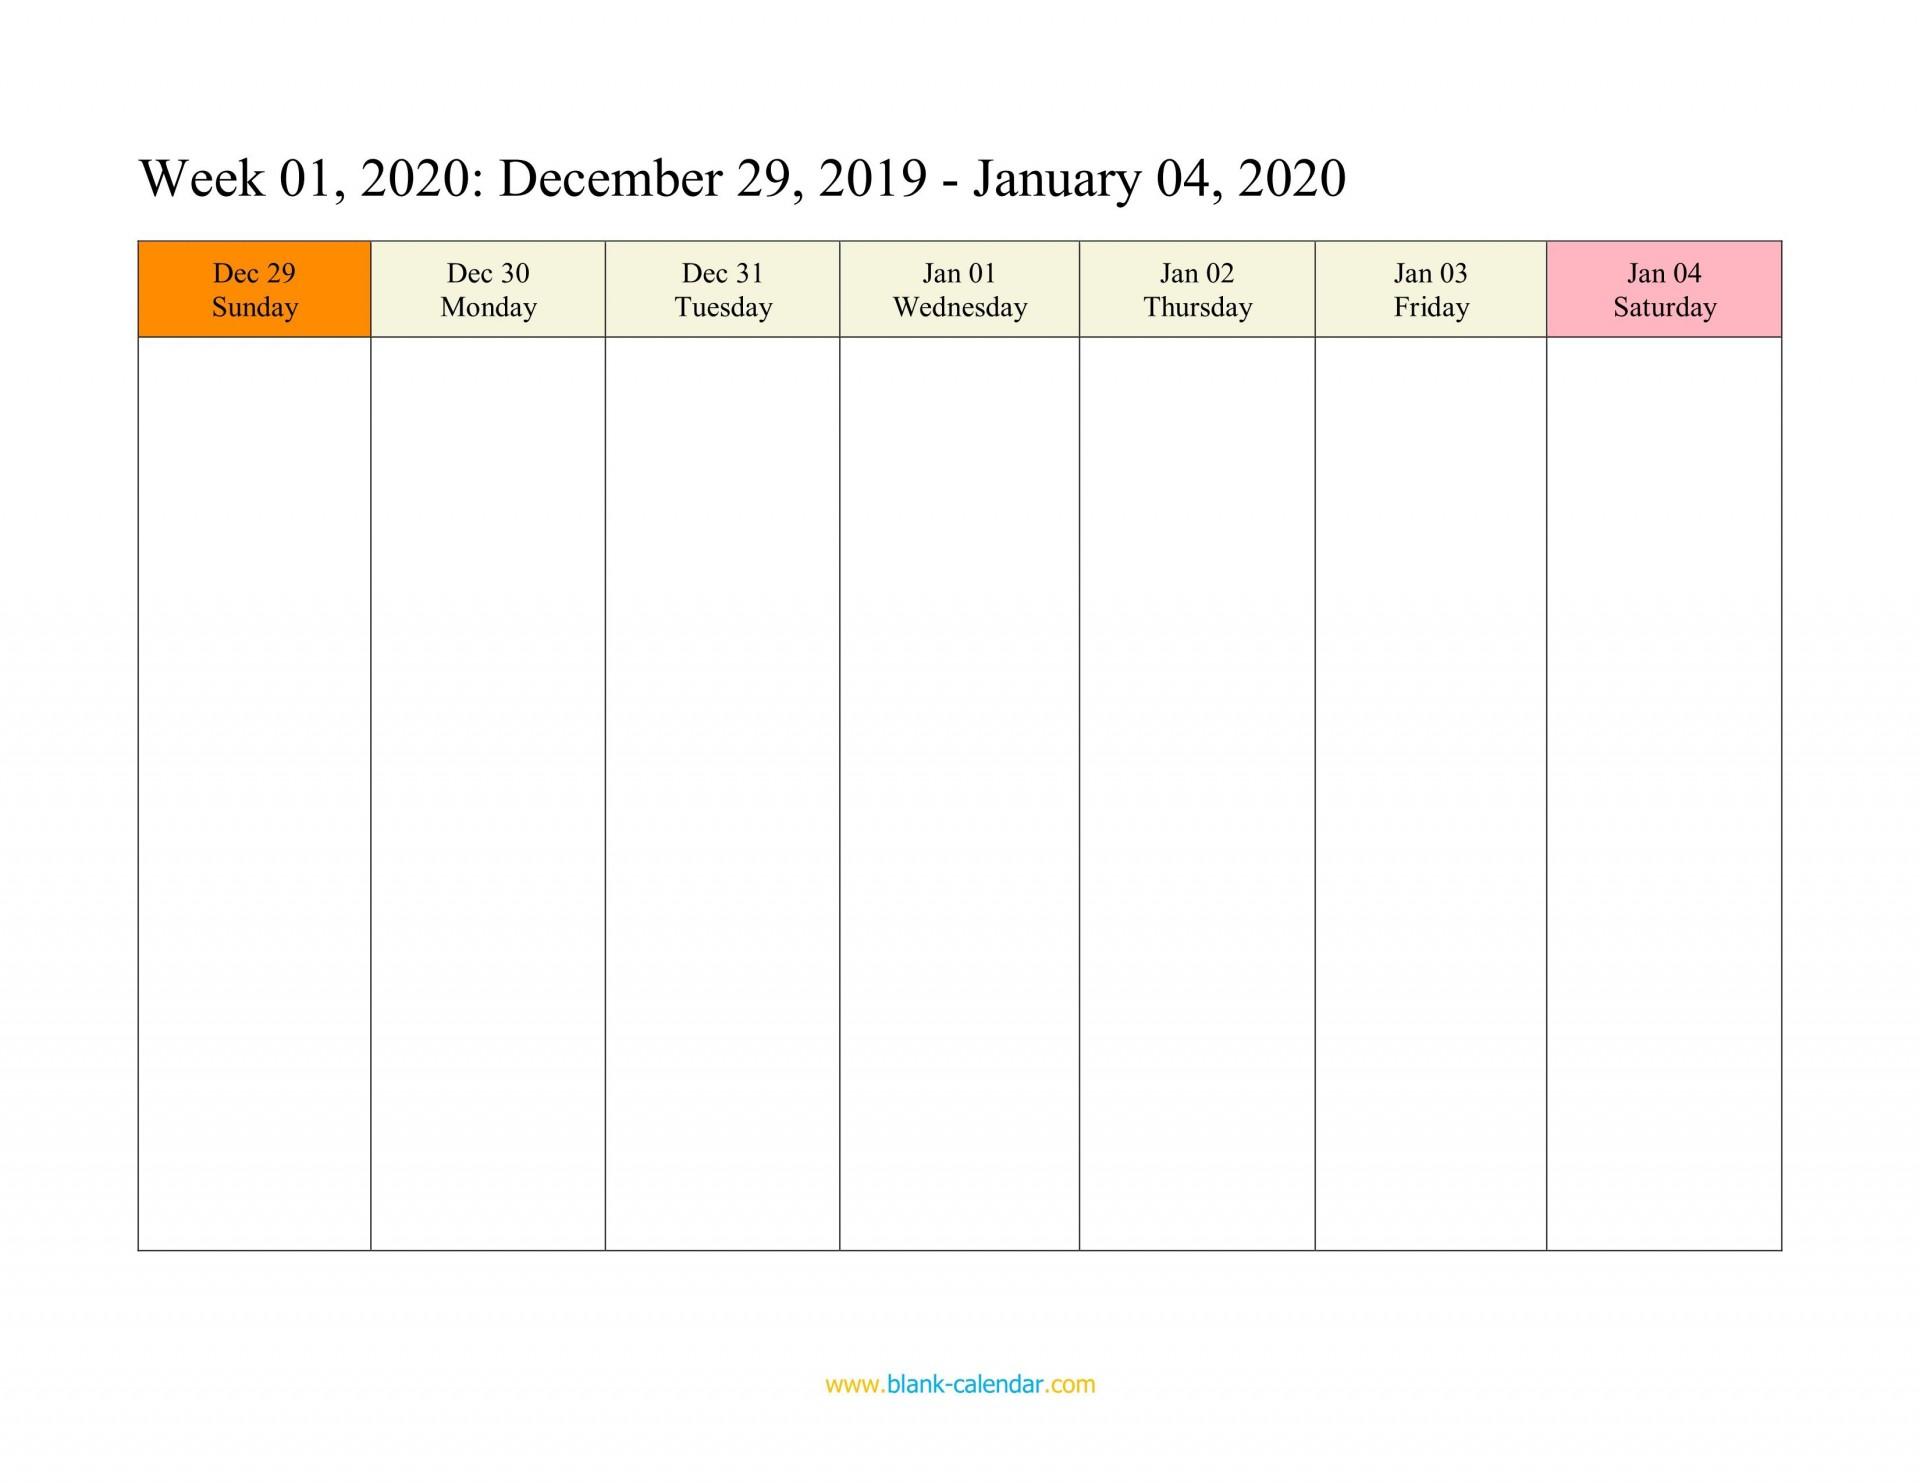 006 Unusual Weekly Calendar Template 2020 Design  Printable Blank Free1920